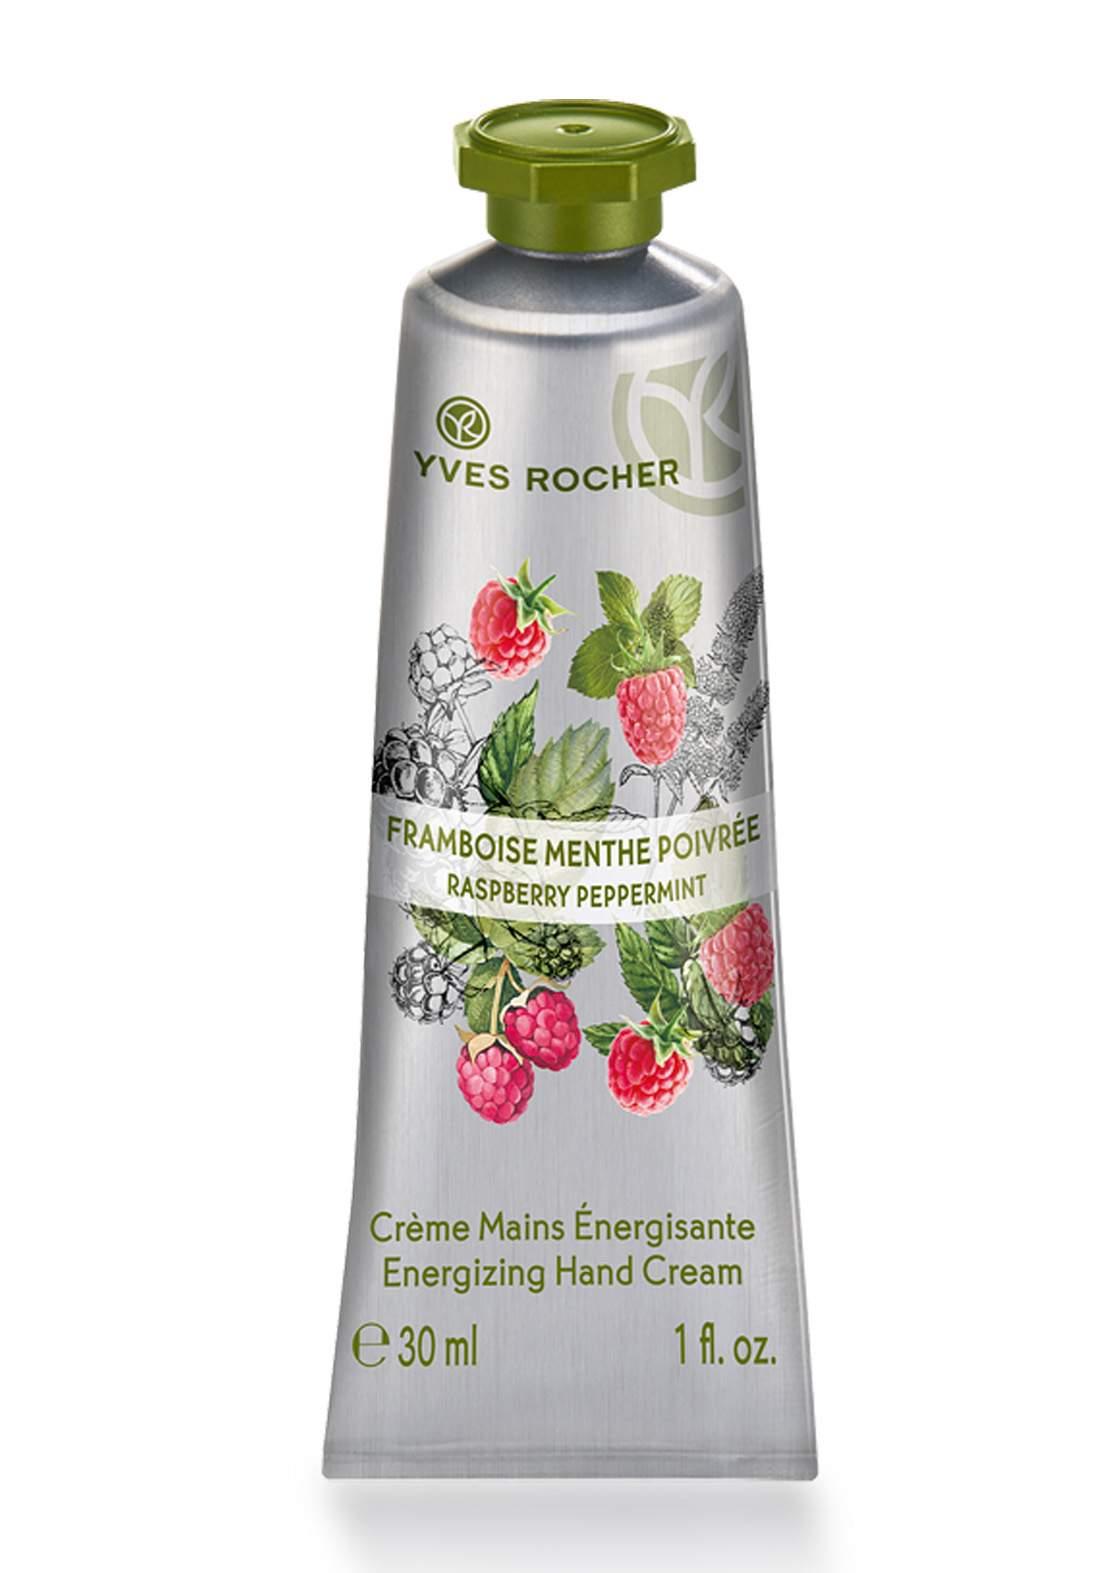 Yves Rocher 29122 Energizing Raspberry Peppermint Hand Cream 30 ml  كريم مرطب لليدين